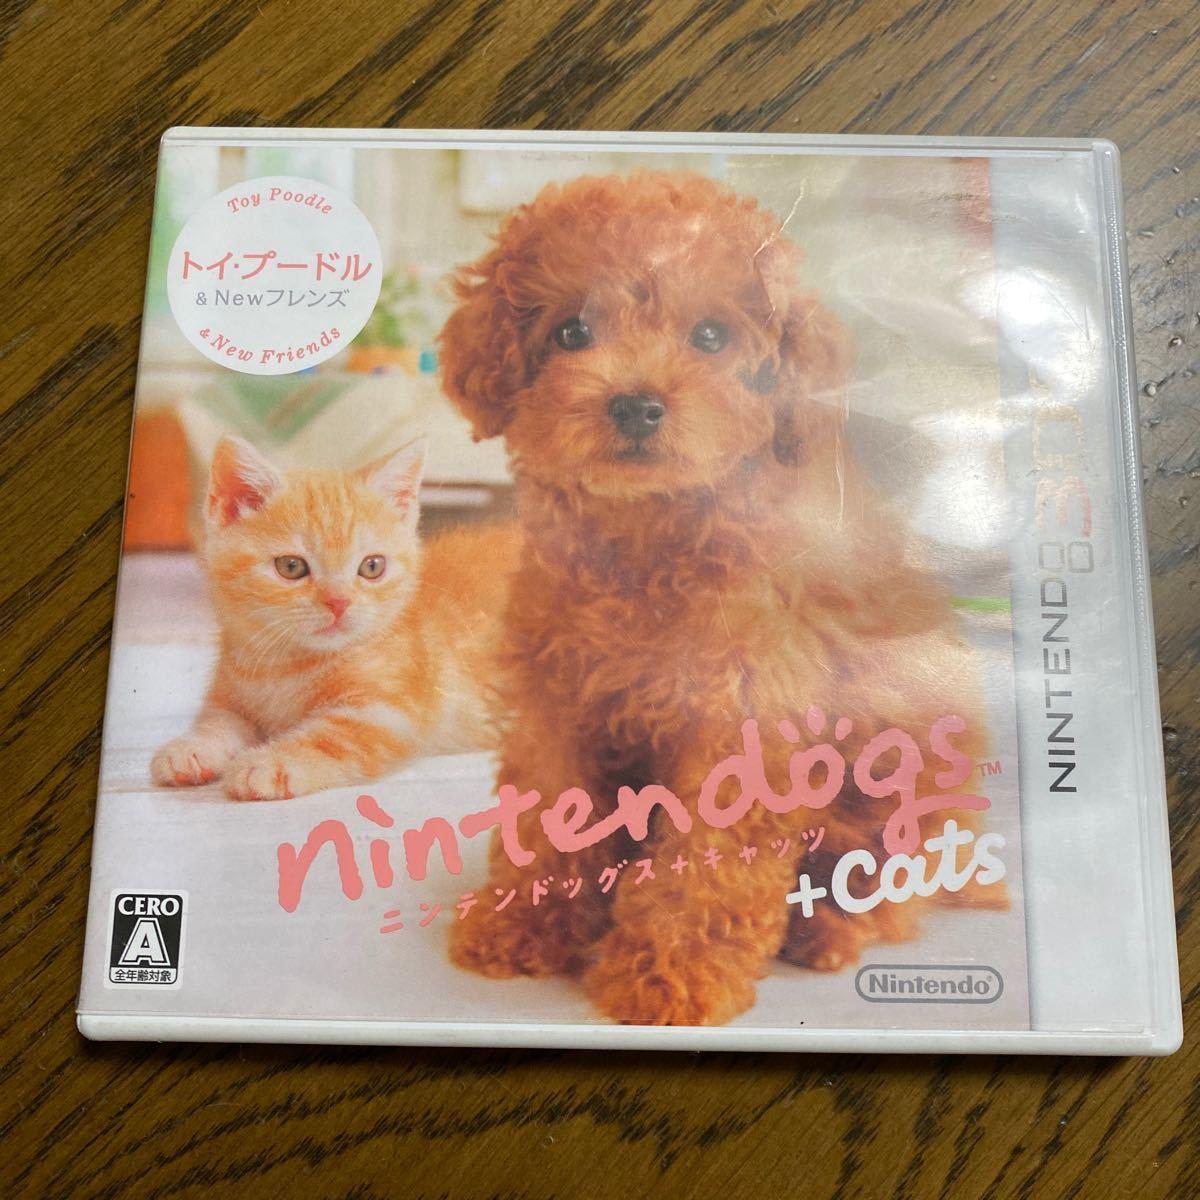 フレンズ ニンテンドッグス+キャッツ nintendogs+cats 3DS トイ・プードル 3DSソフト 任天堂3DS ニンテン